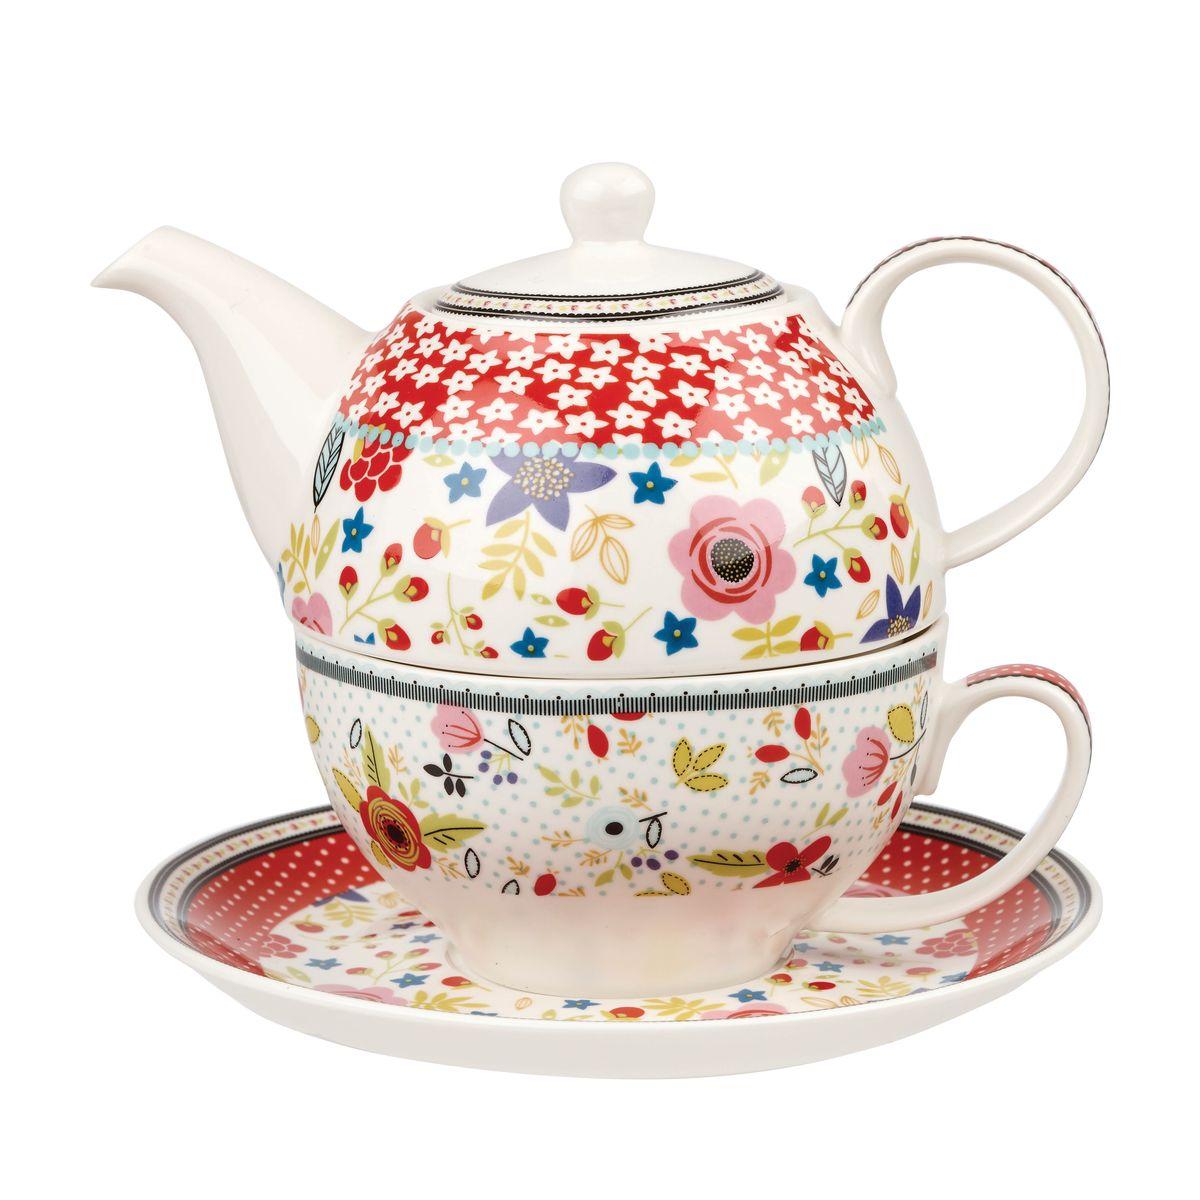 Набор чайный Churchill, 3 предмета. CARV10781CARV10781Коллекция погрузит вас в увлекательное путешествие вокруг Британских островов. Воспоминания о путешествии, о любви, ностальгия по детству легли в основу создания коллекции Караван. Коллекция Караван отличается яркими цветами. Материал: фарфор Можно мыть в посудомоечной машине Можно использовать в микроволновой печи